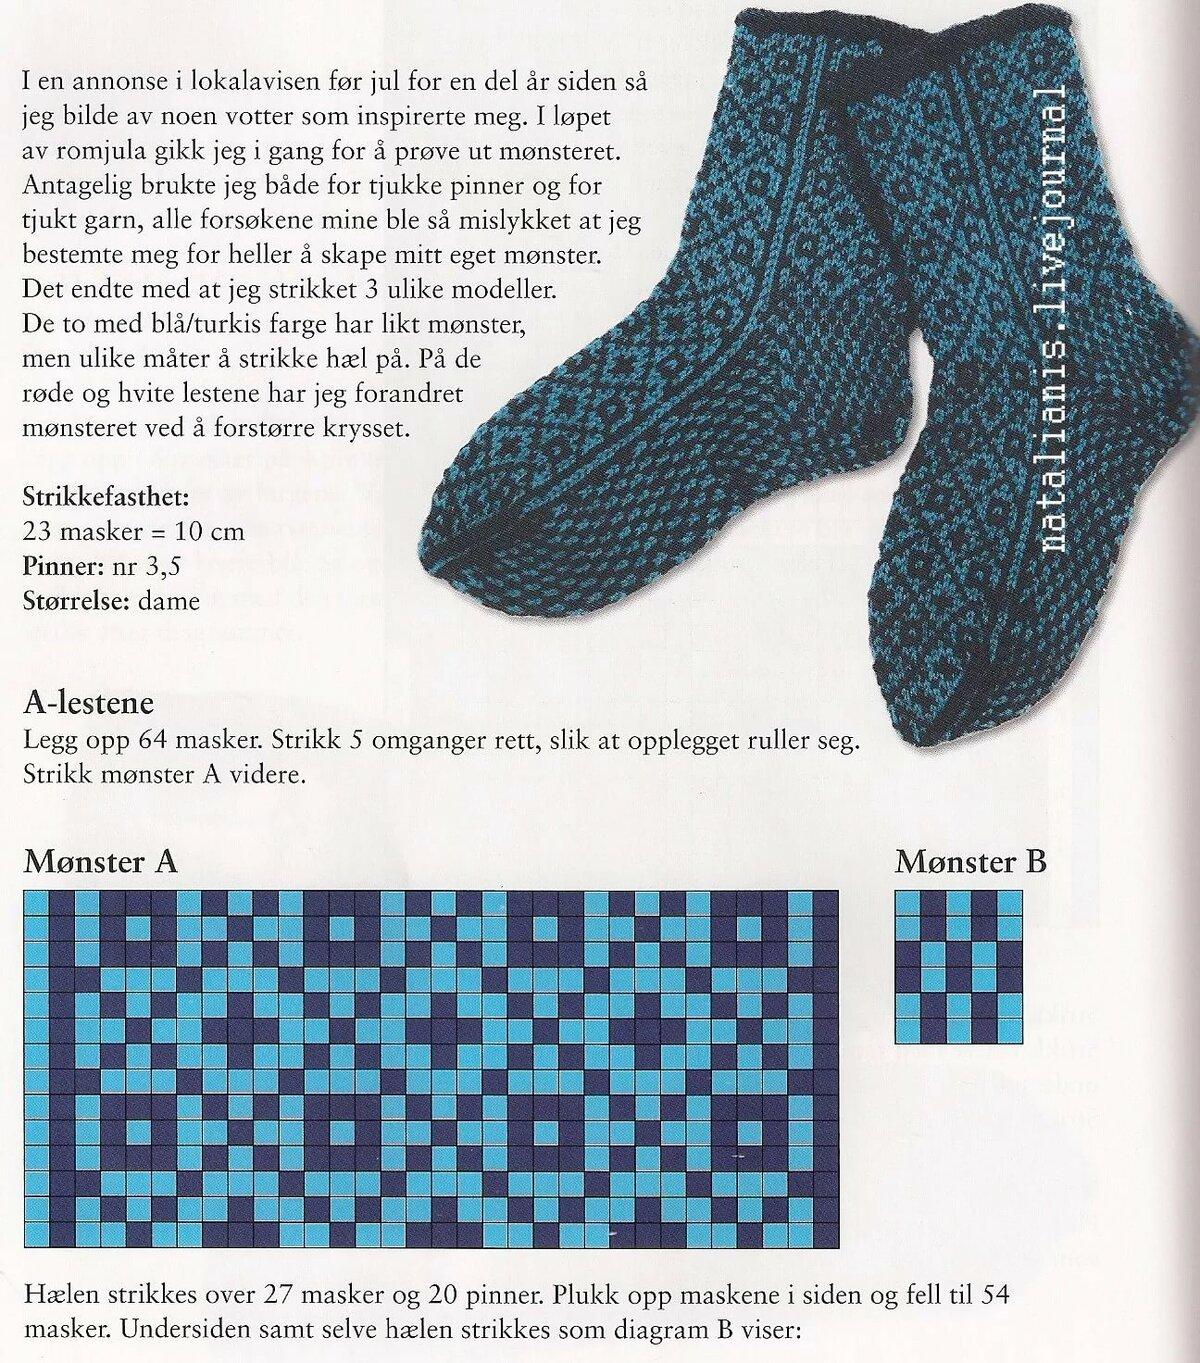 полном схемы картинок для вязания носков спицами бабушка тут жила